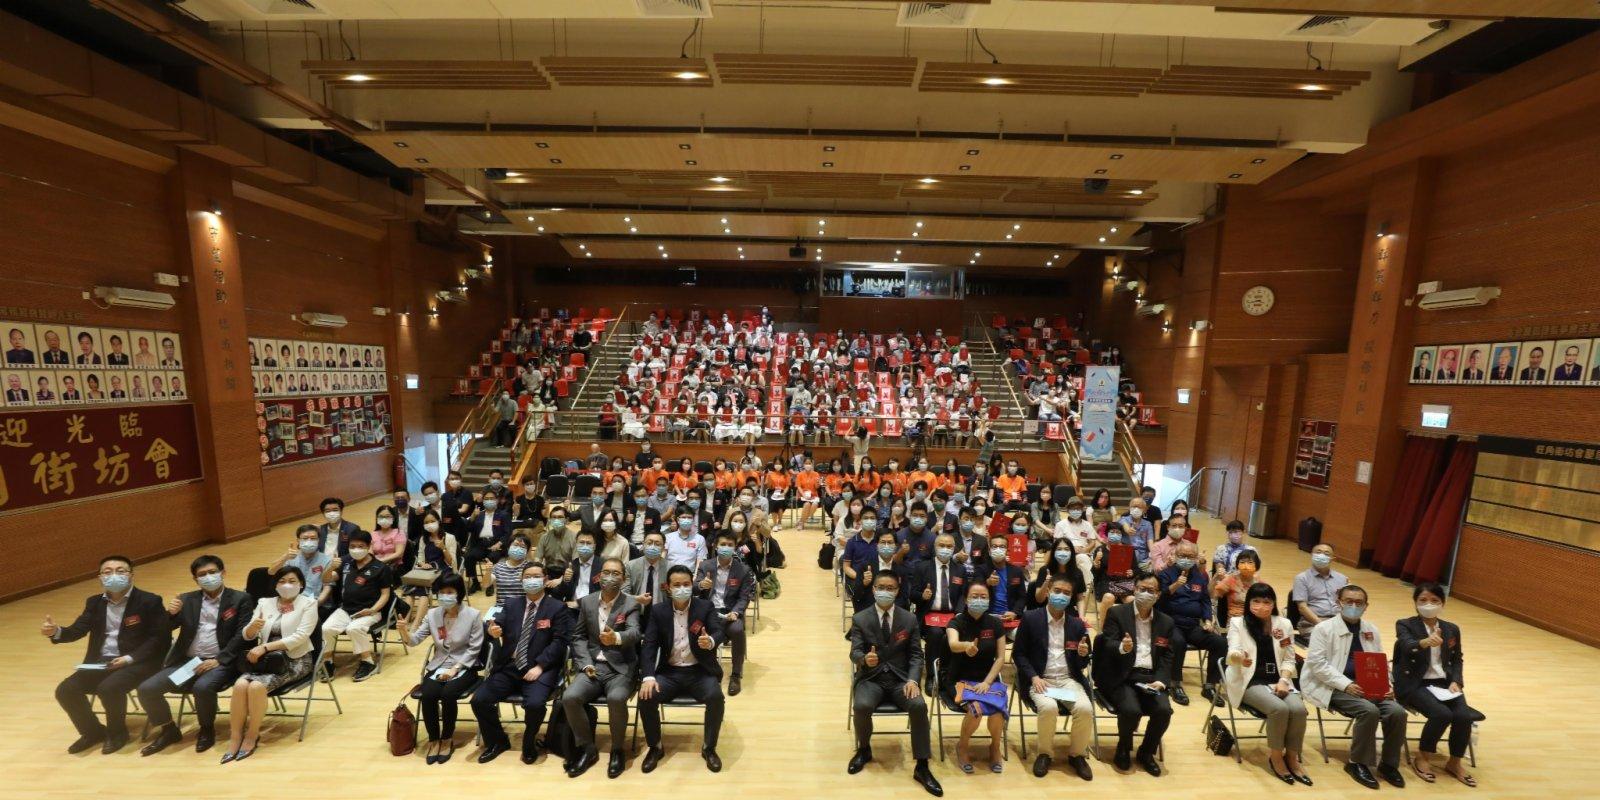 (有片)魯青獎香港賽區頒獎禮舉行 激發青少年文學創作夢